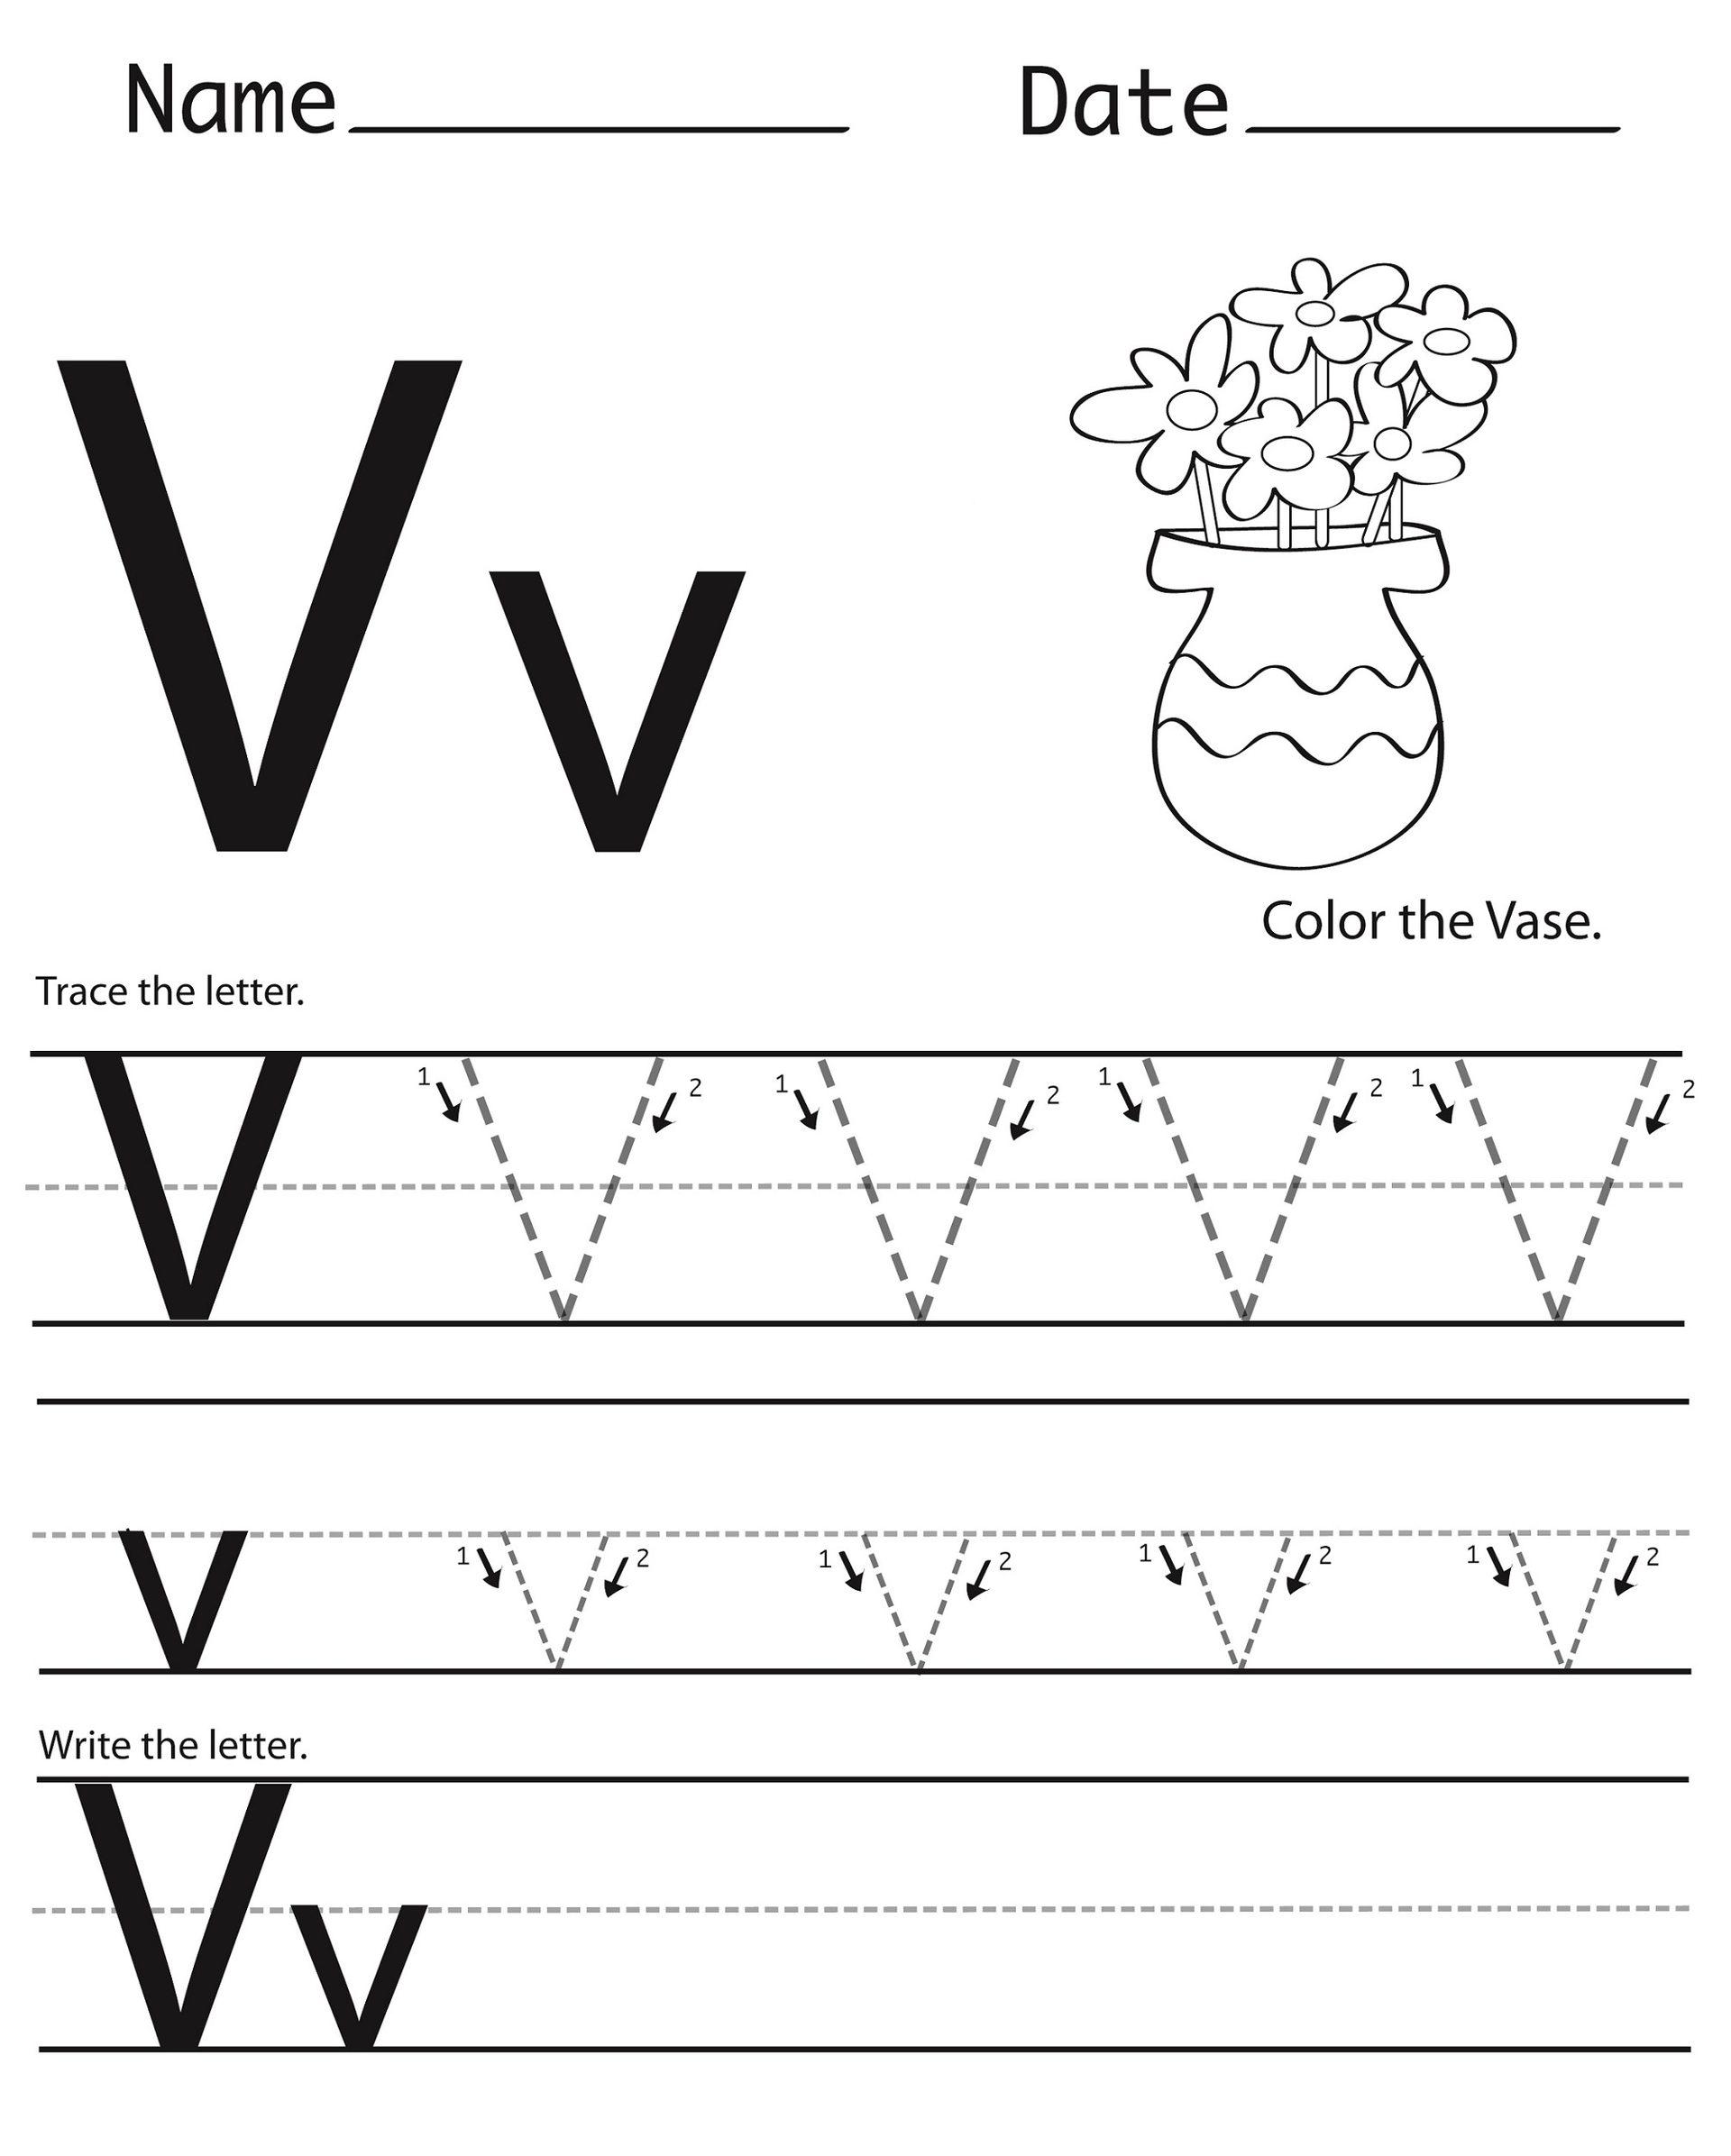 Letter V Worksheets intended for Letter V Tracing Paper